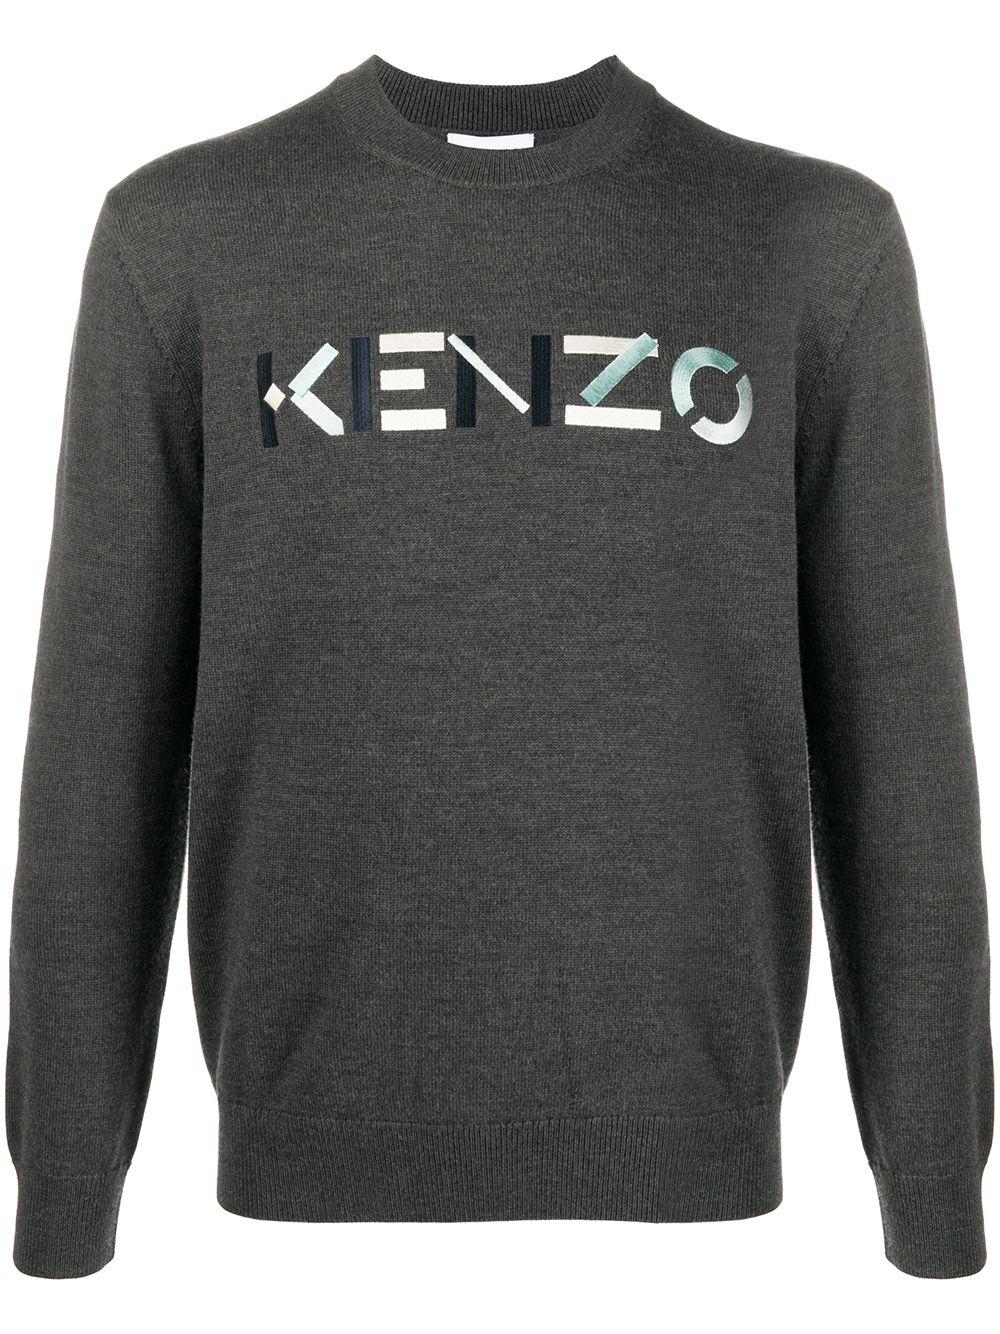 Kenzo Pullover mit aufgesticktem Logo - Grau